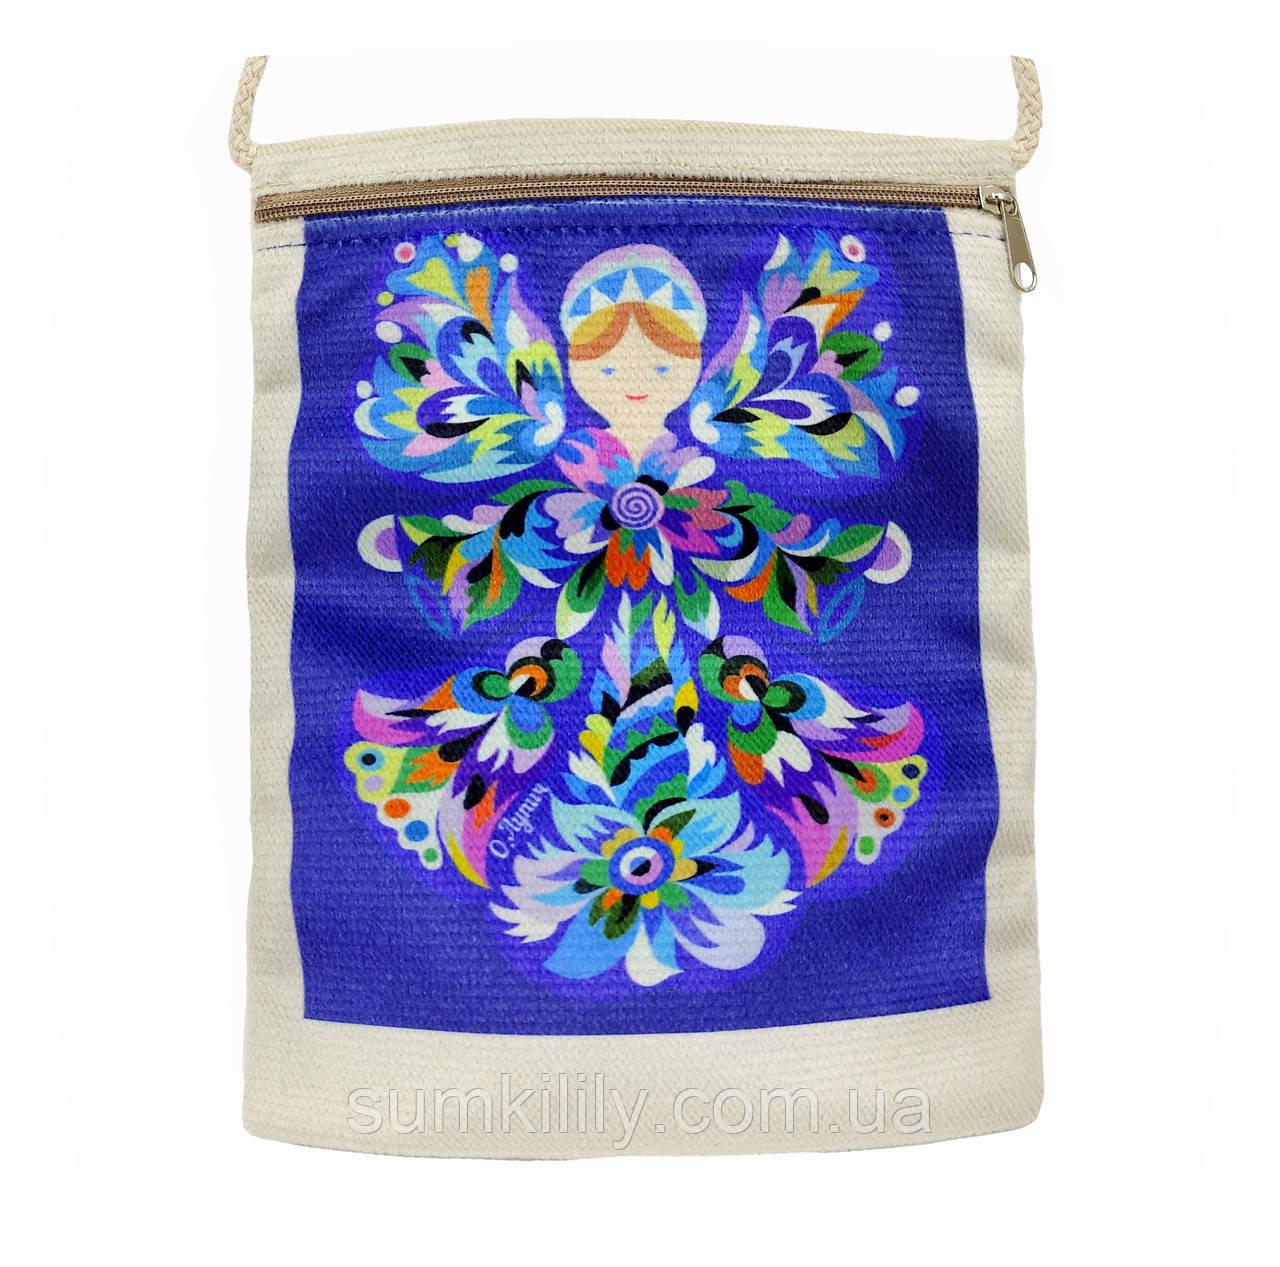 Текстильний гаманець Ангел 2 синій